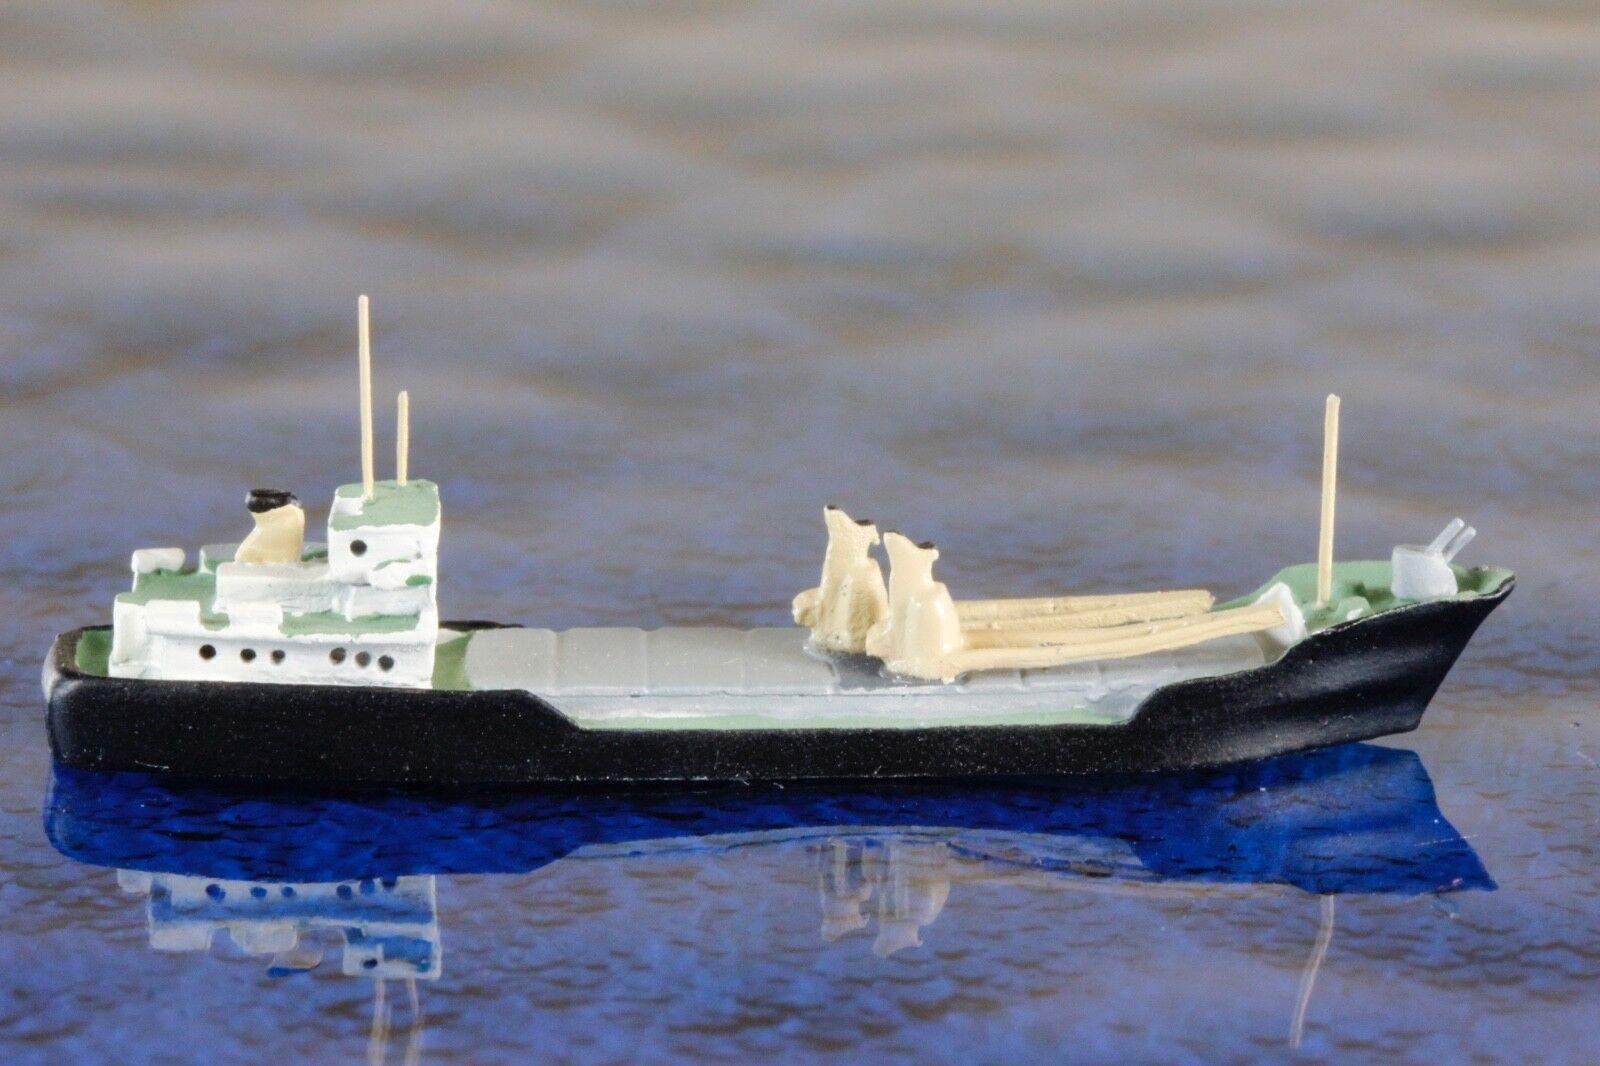 Nuevos productos de artículos novedosos. Rakow e 42 fabricantes fabricantes fabricantes vagelgiep 3b, 1 1250 barco modelo  los últimos modelos